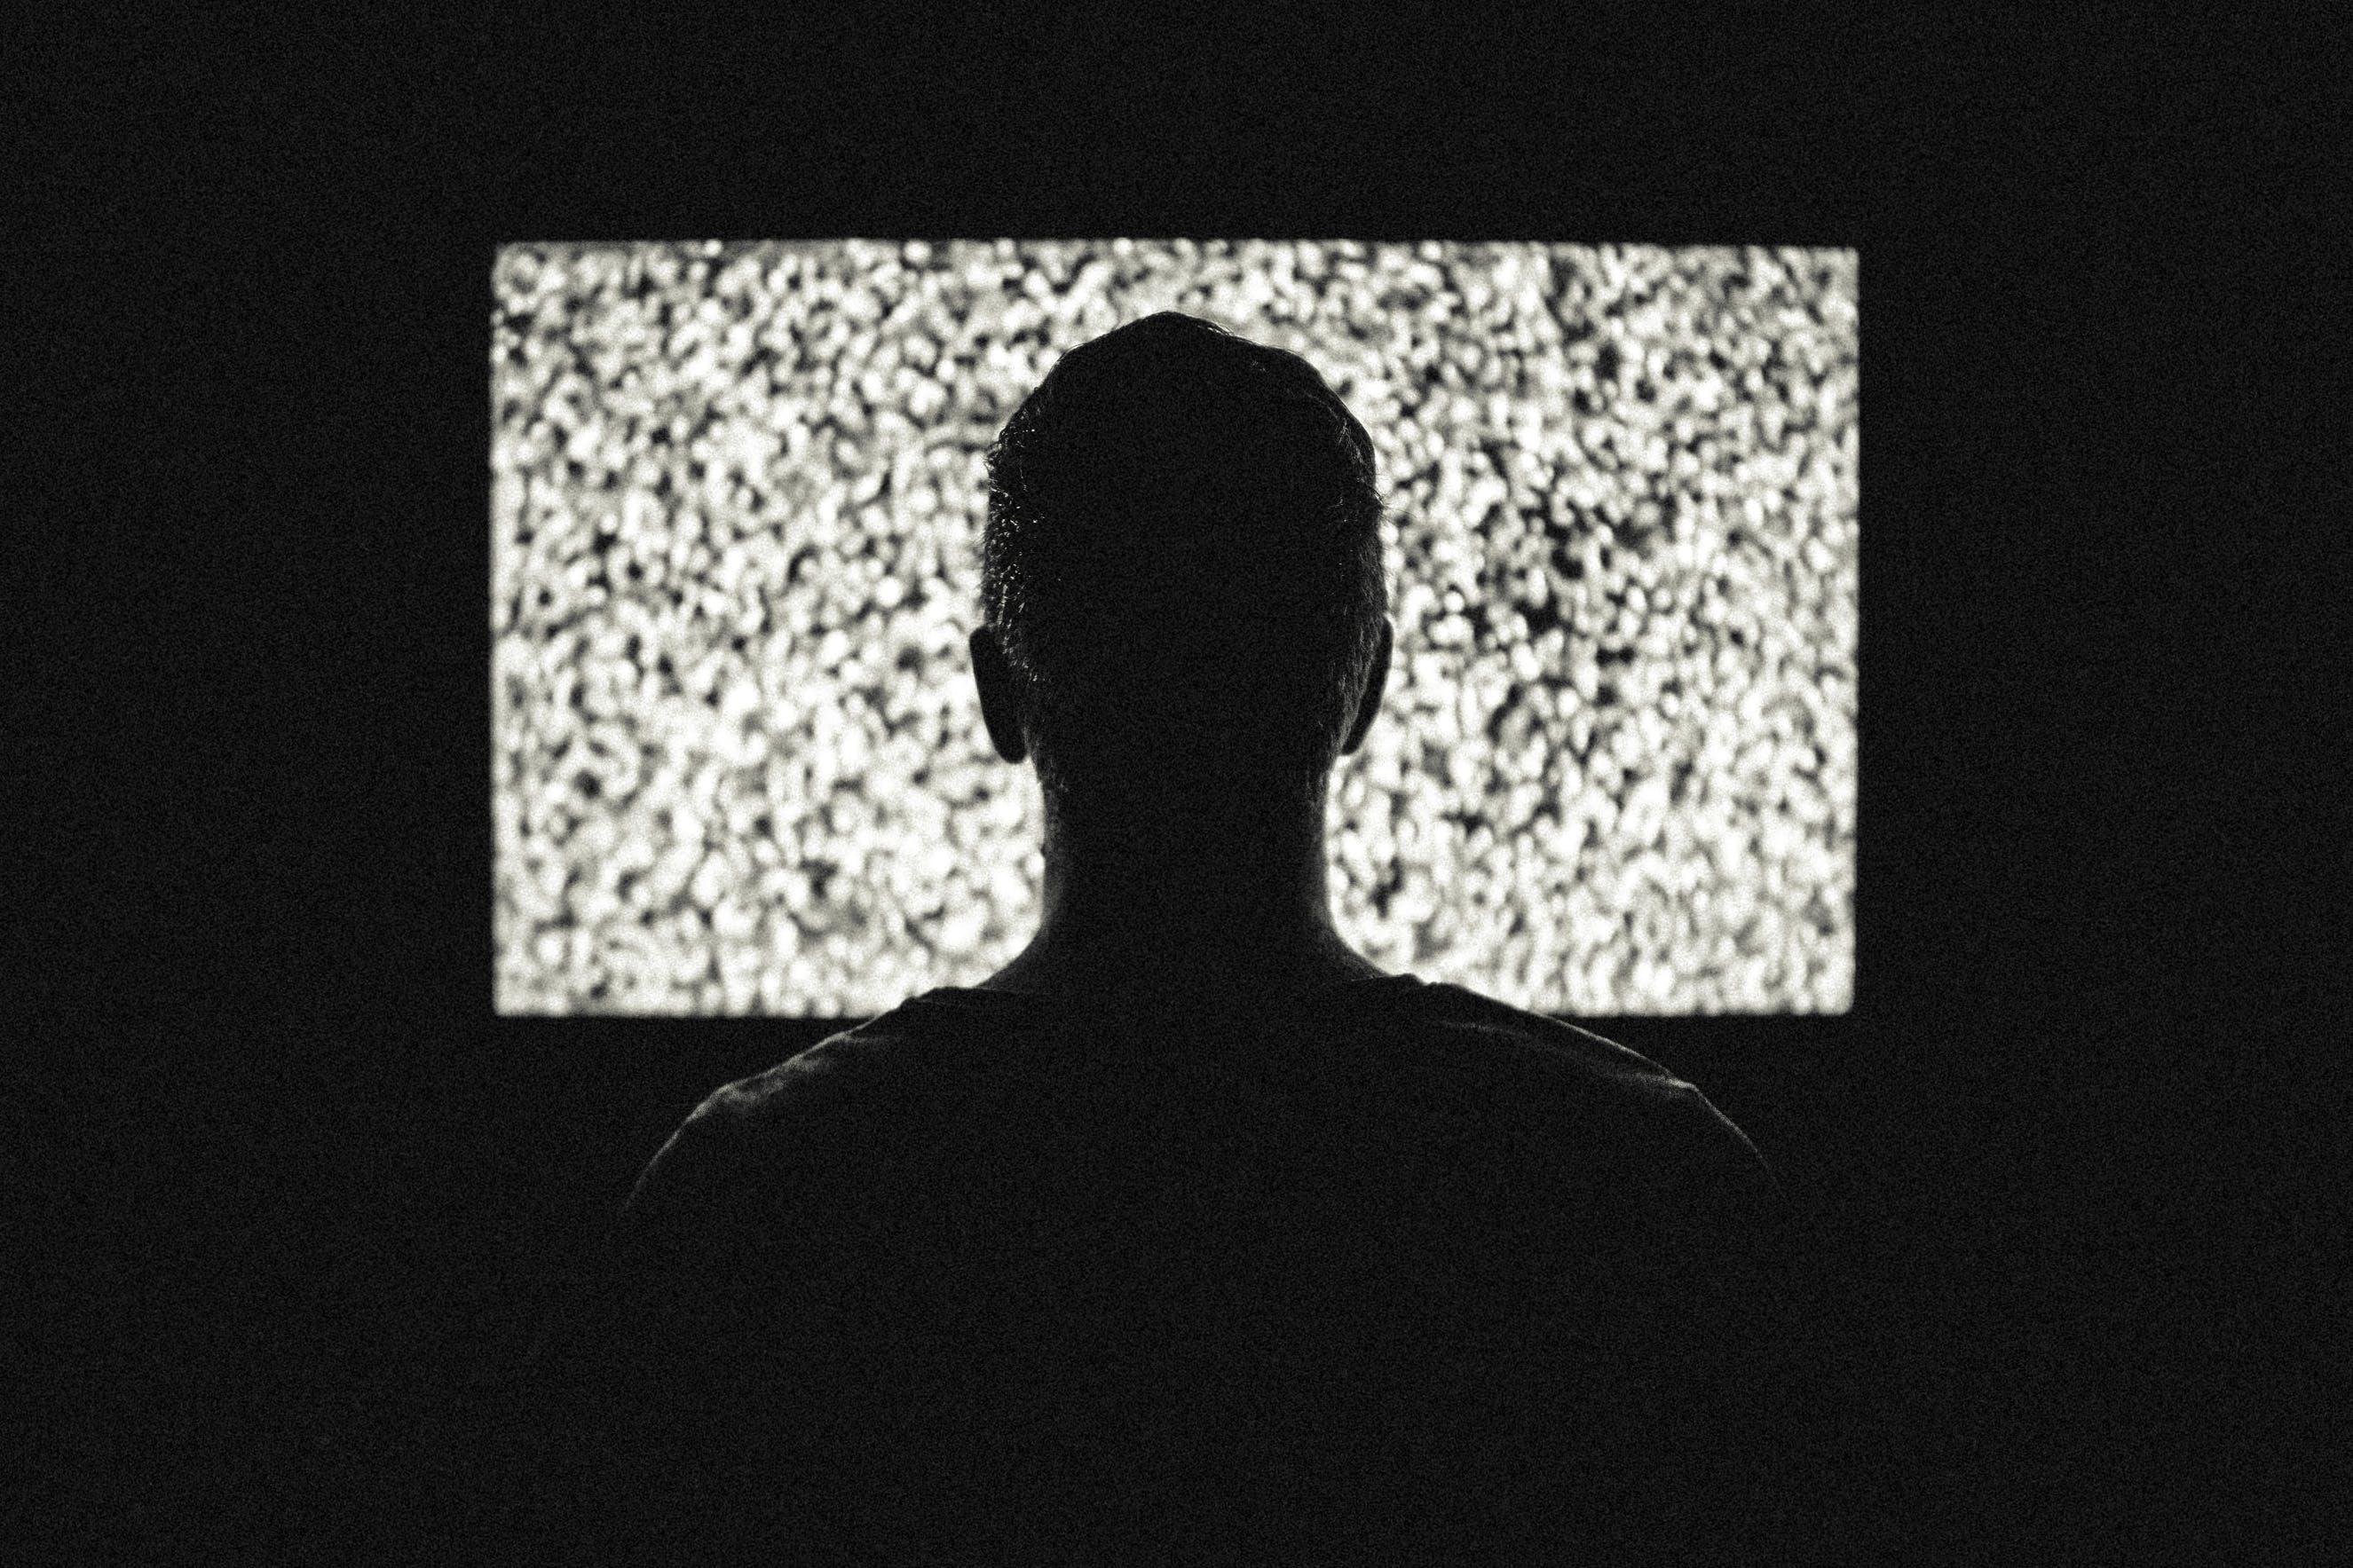 Kostenloses Stock Foto zu bildschirm, dunkel, fernseher, film